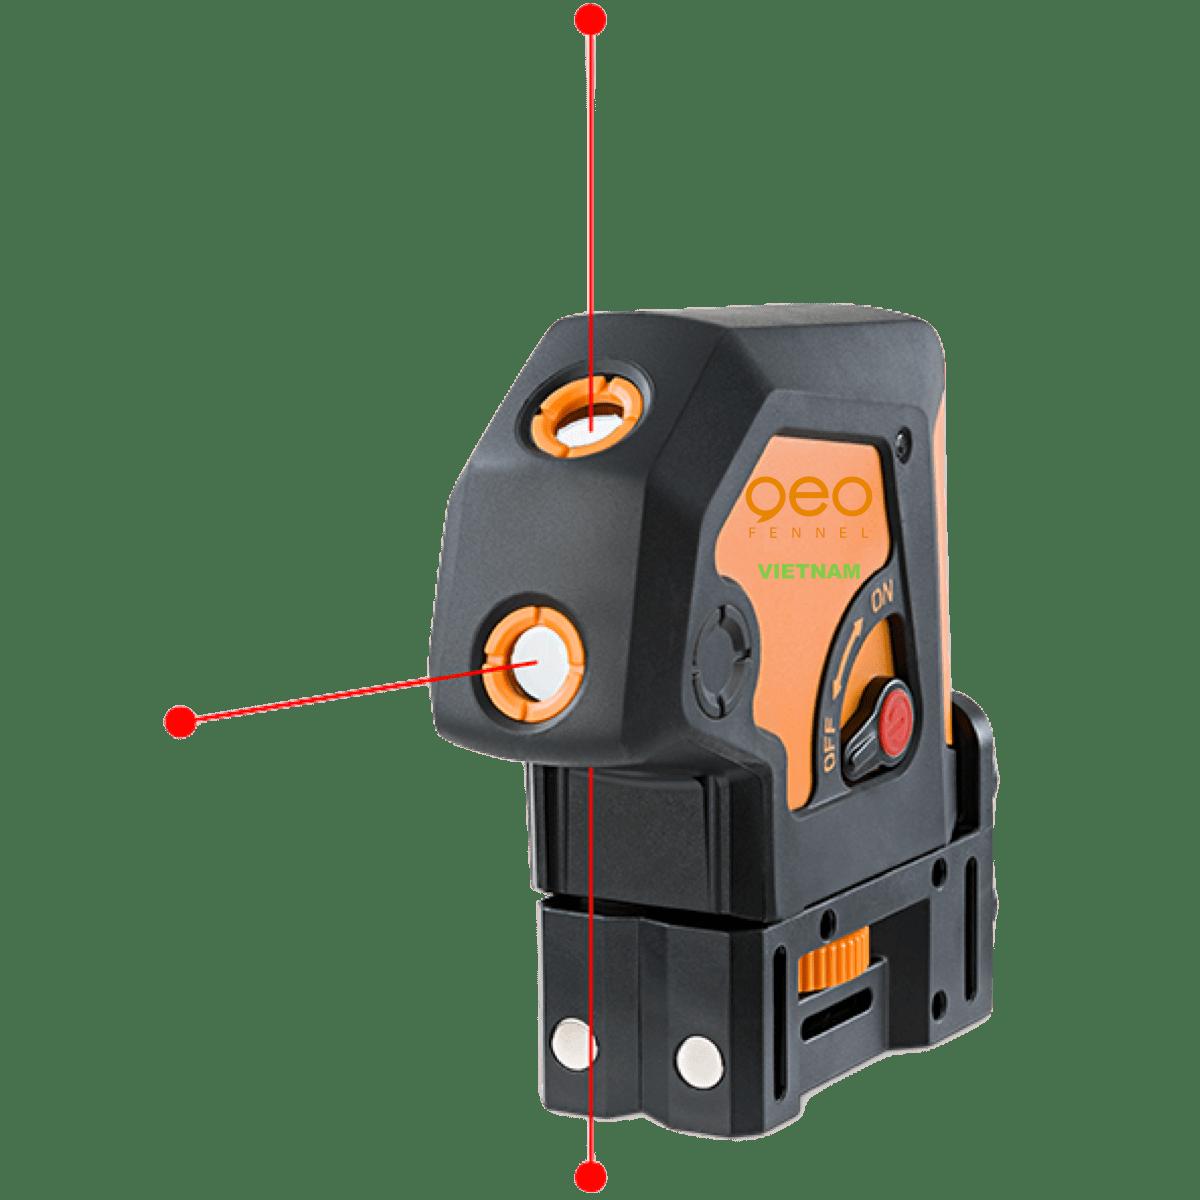 Lập lòn laser GEO3P | Chiếu 3 điểm